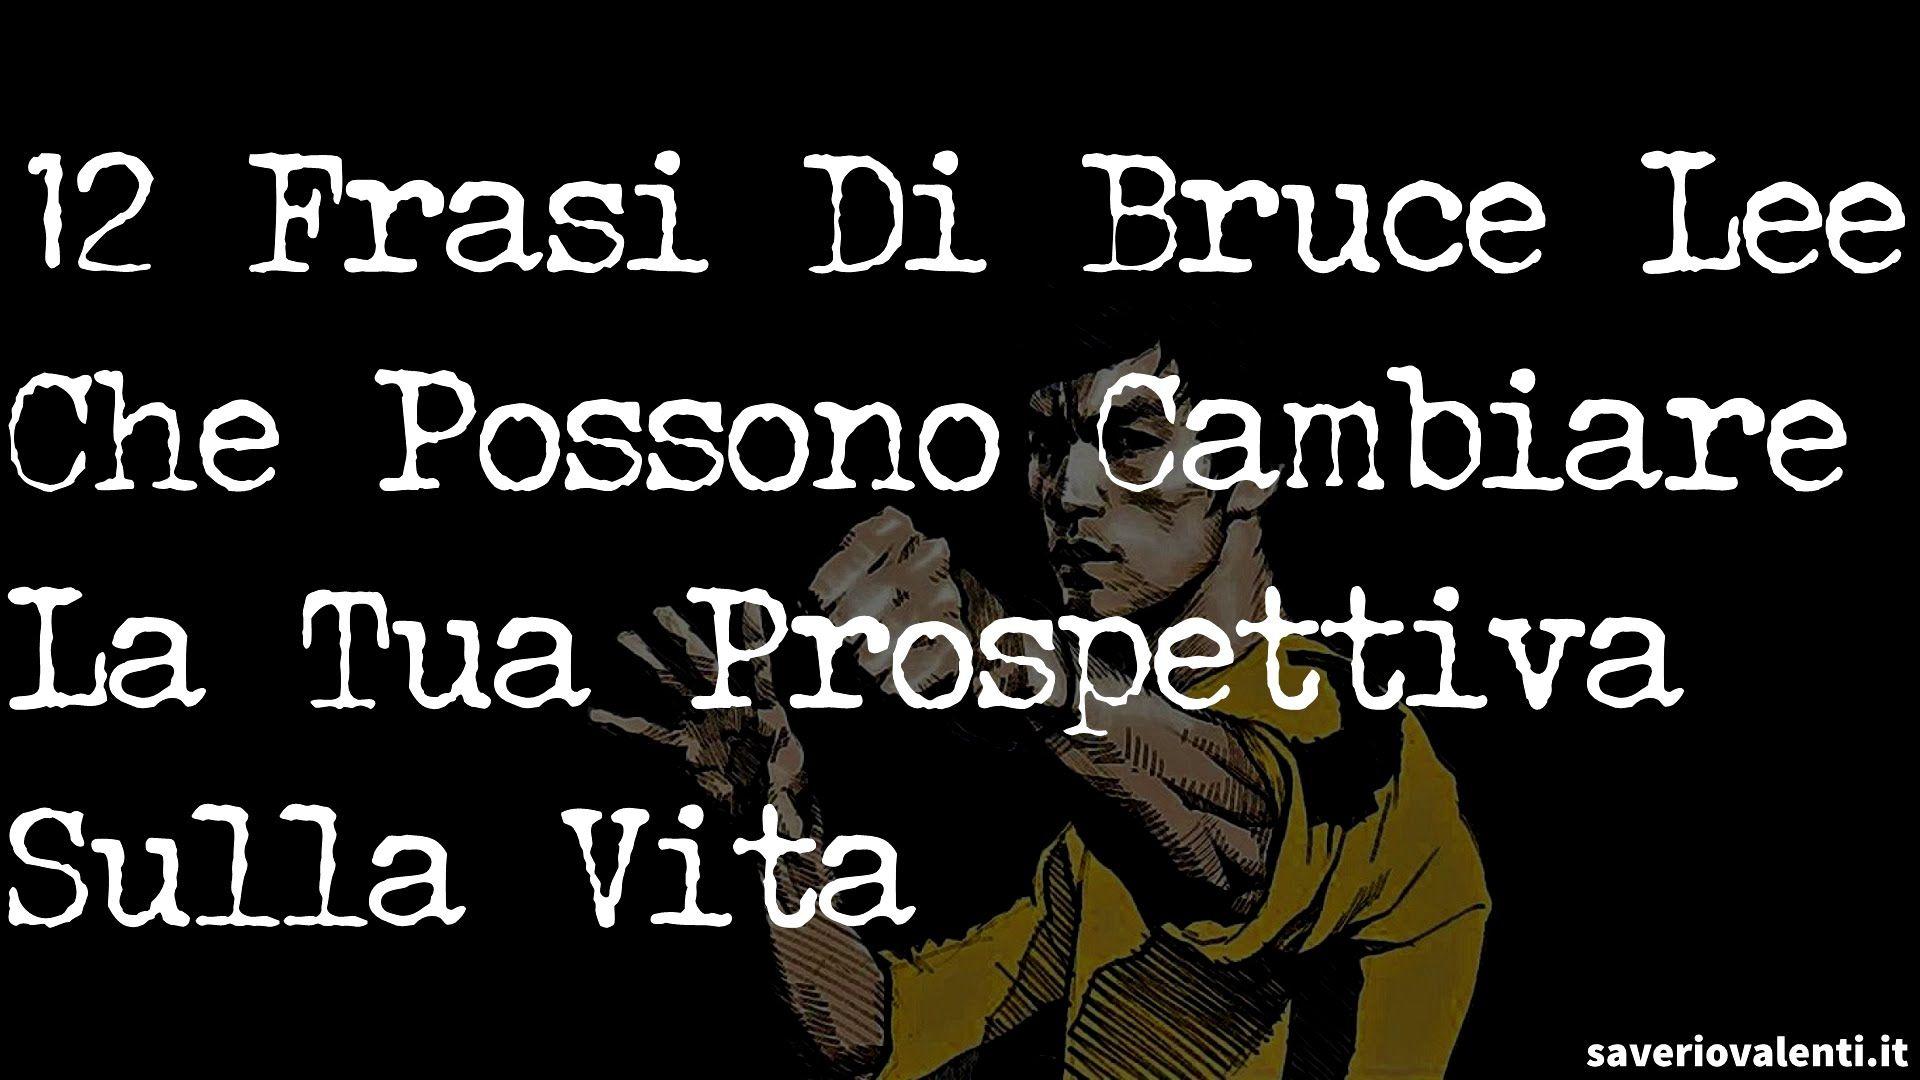 12 Frasi Di Bruce Lee Che Possono Cambiare La Tua Prospettiva